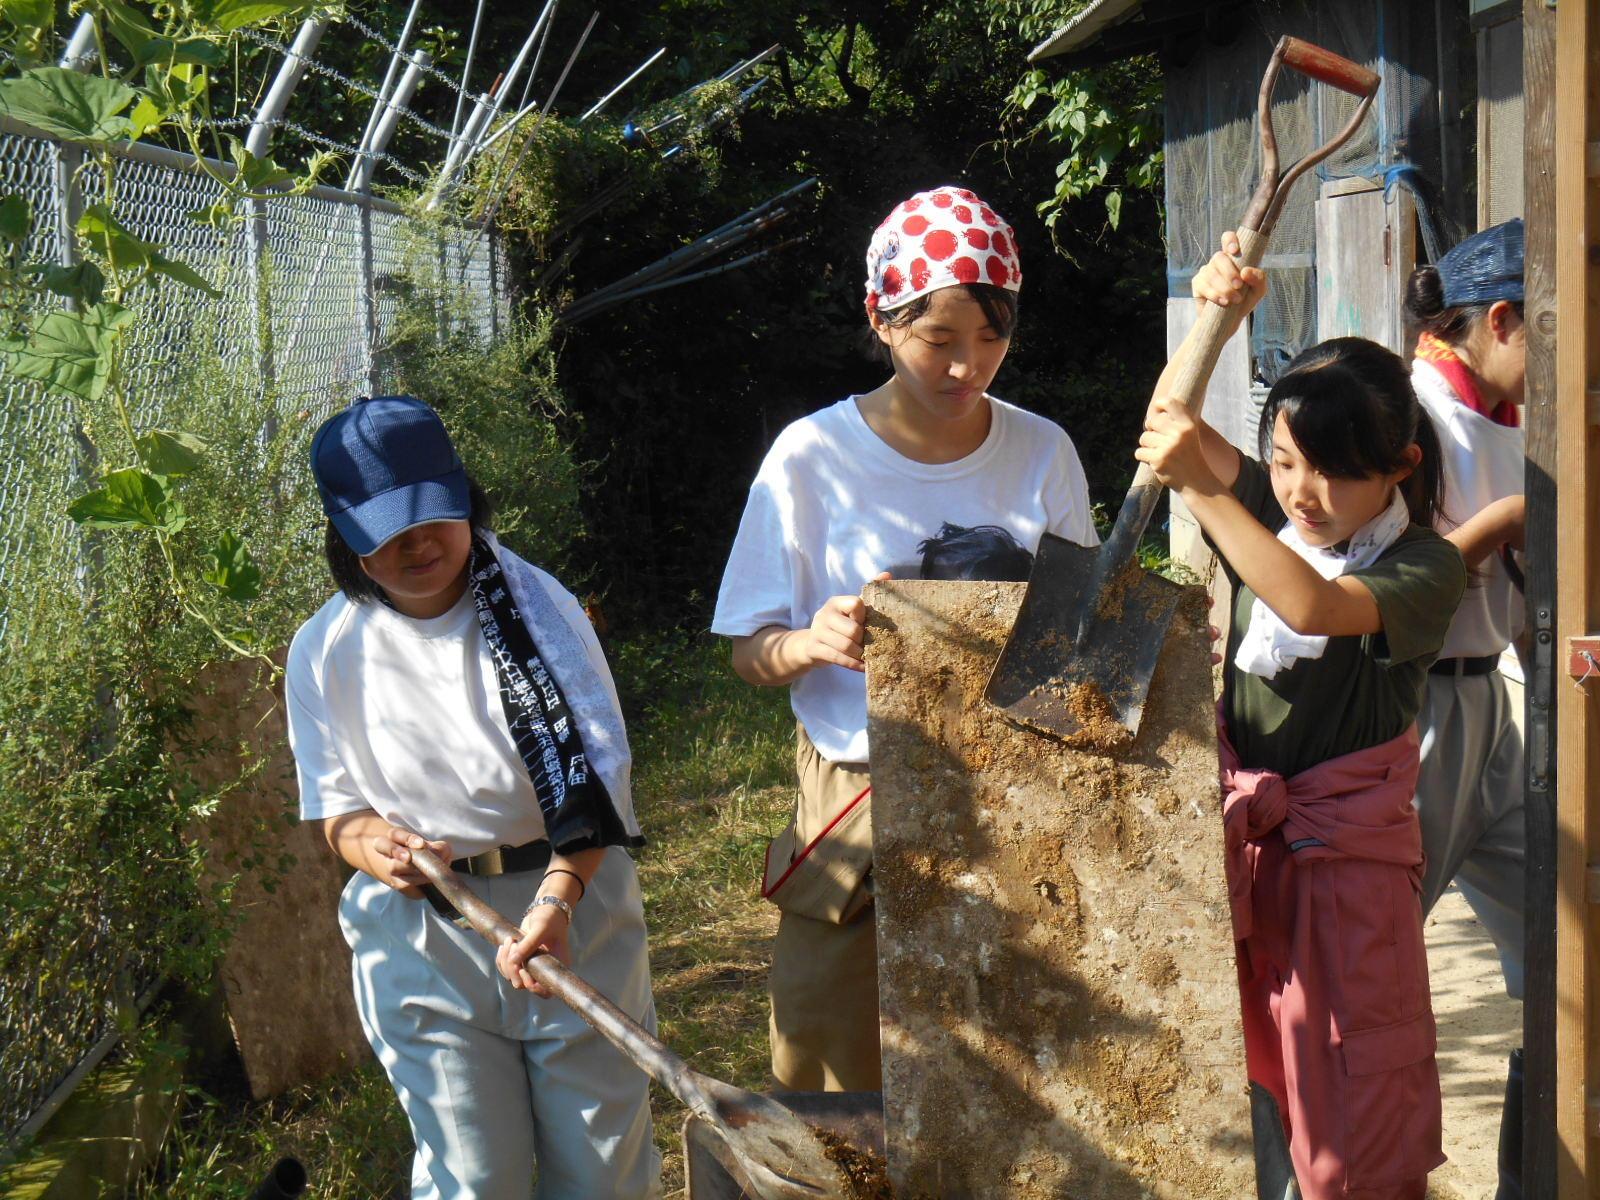 http://www.shimanet.ed.jp/hamadayougo/news/DSCN8471.JPG